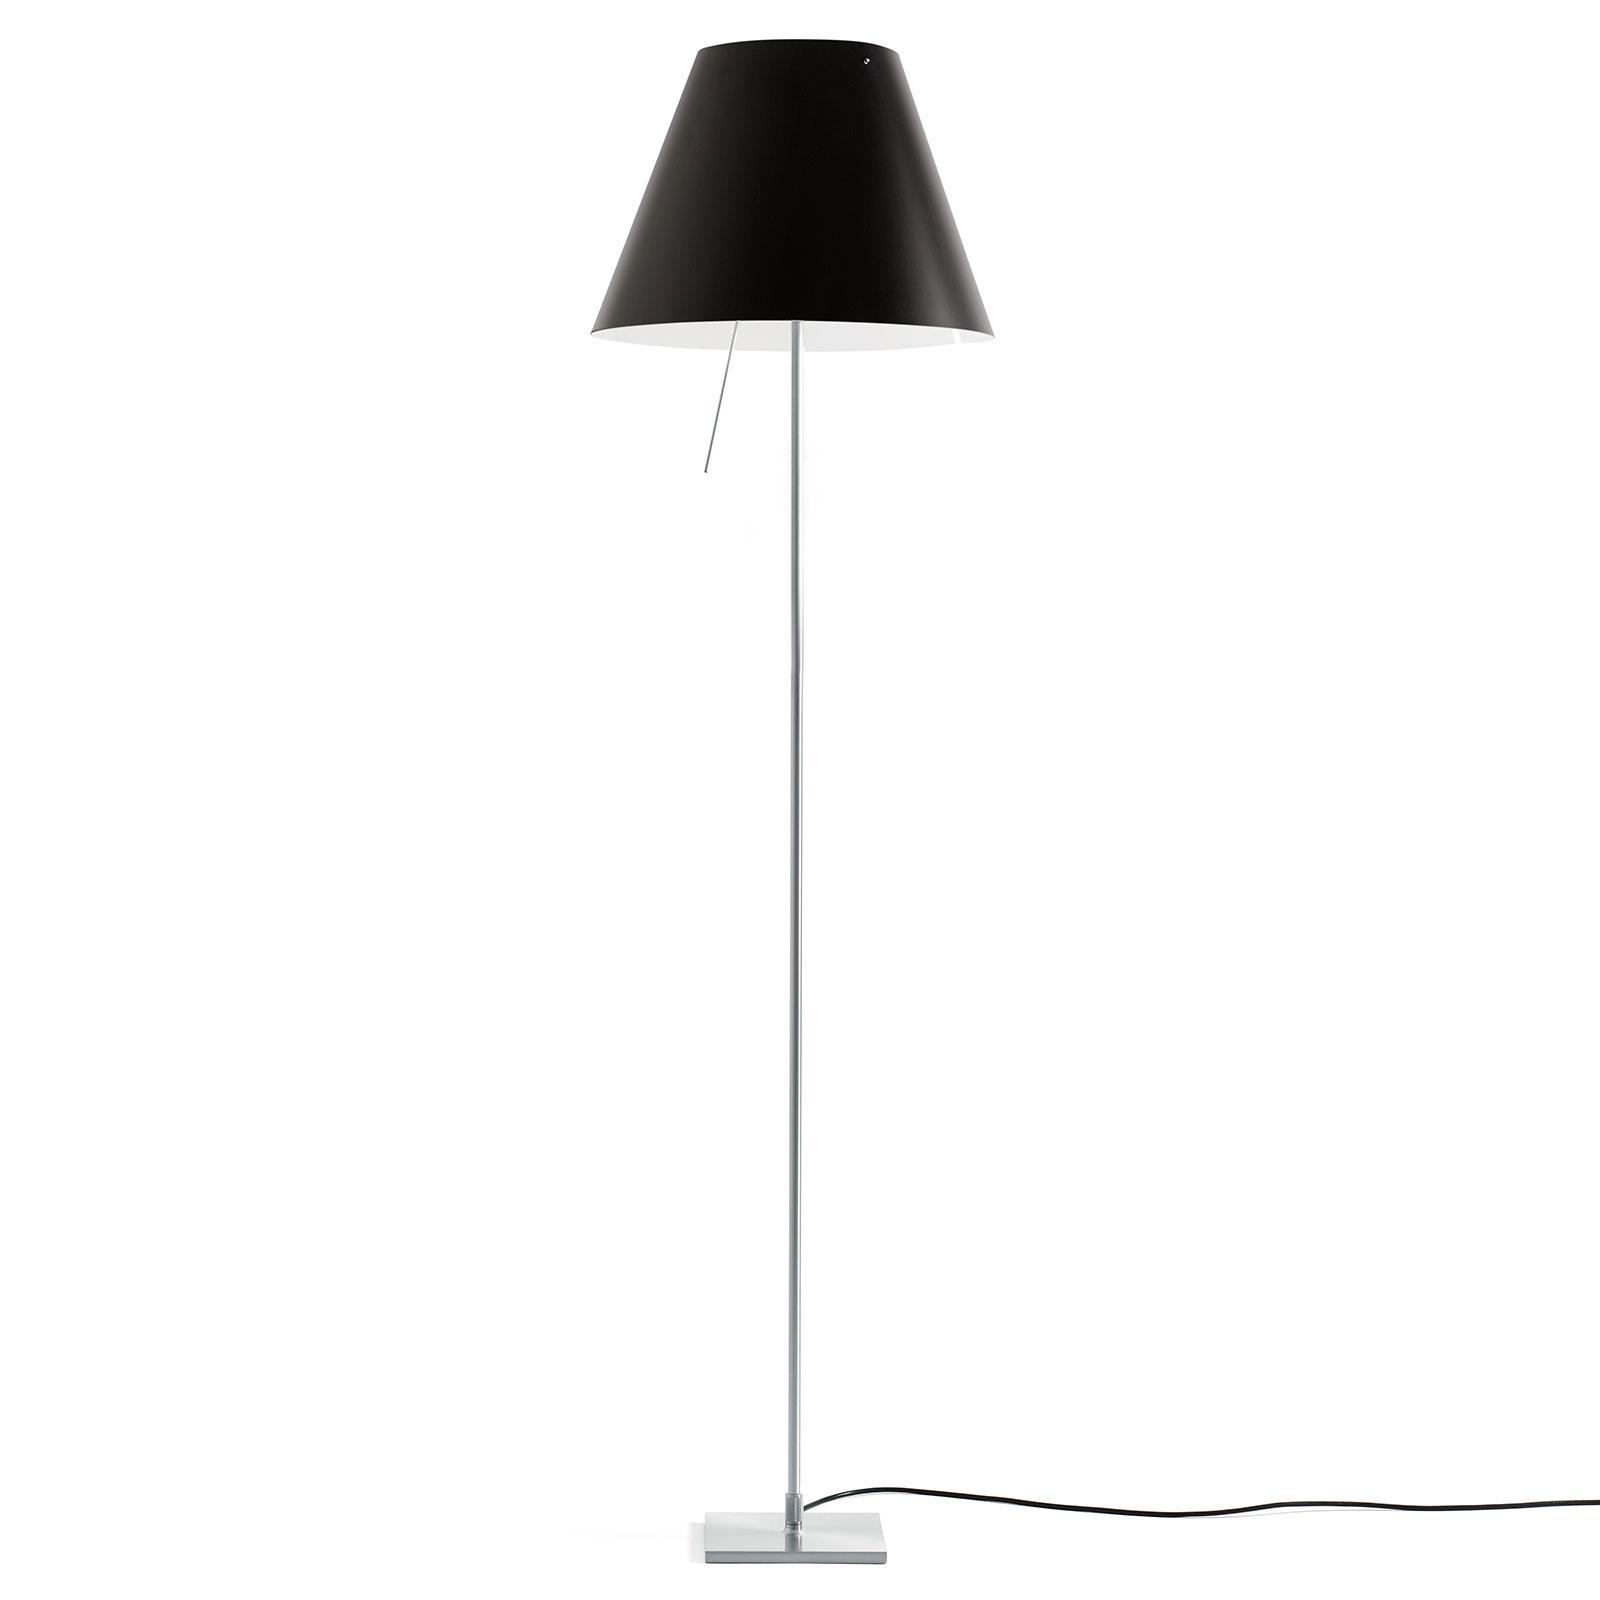 Luceplan Costanza da terra D13tif, alluminio/nero